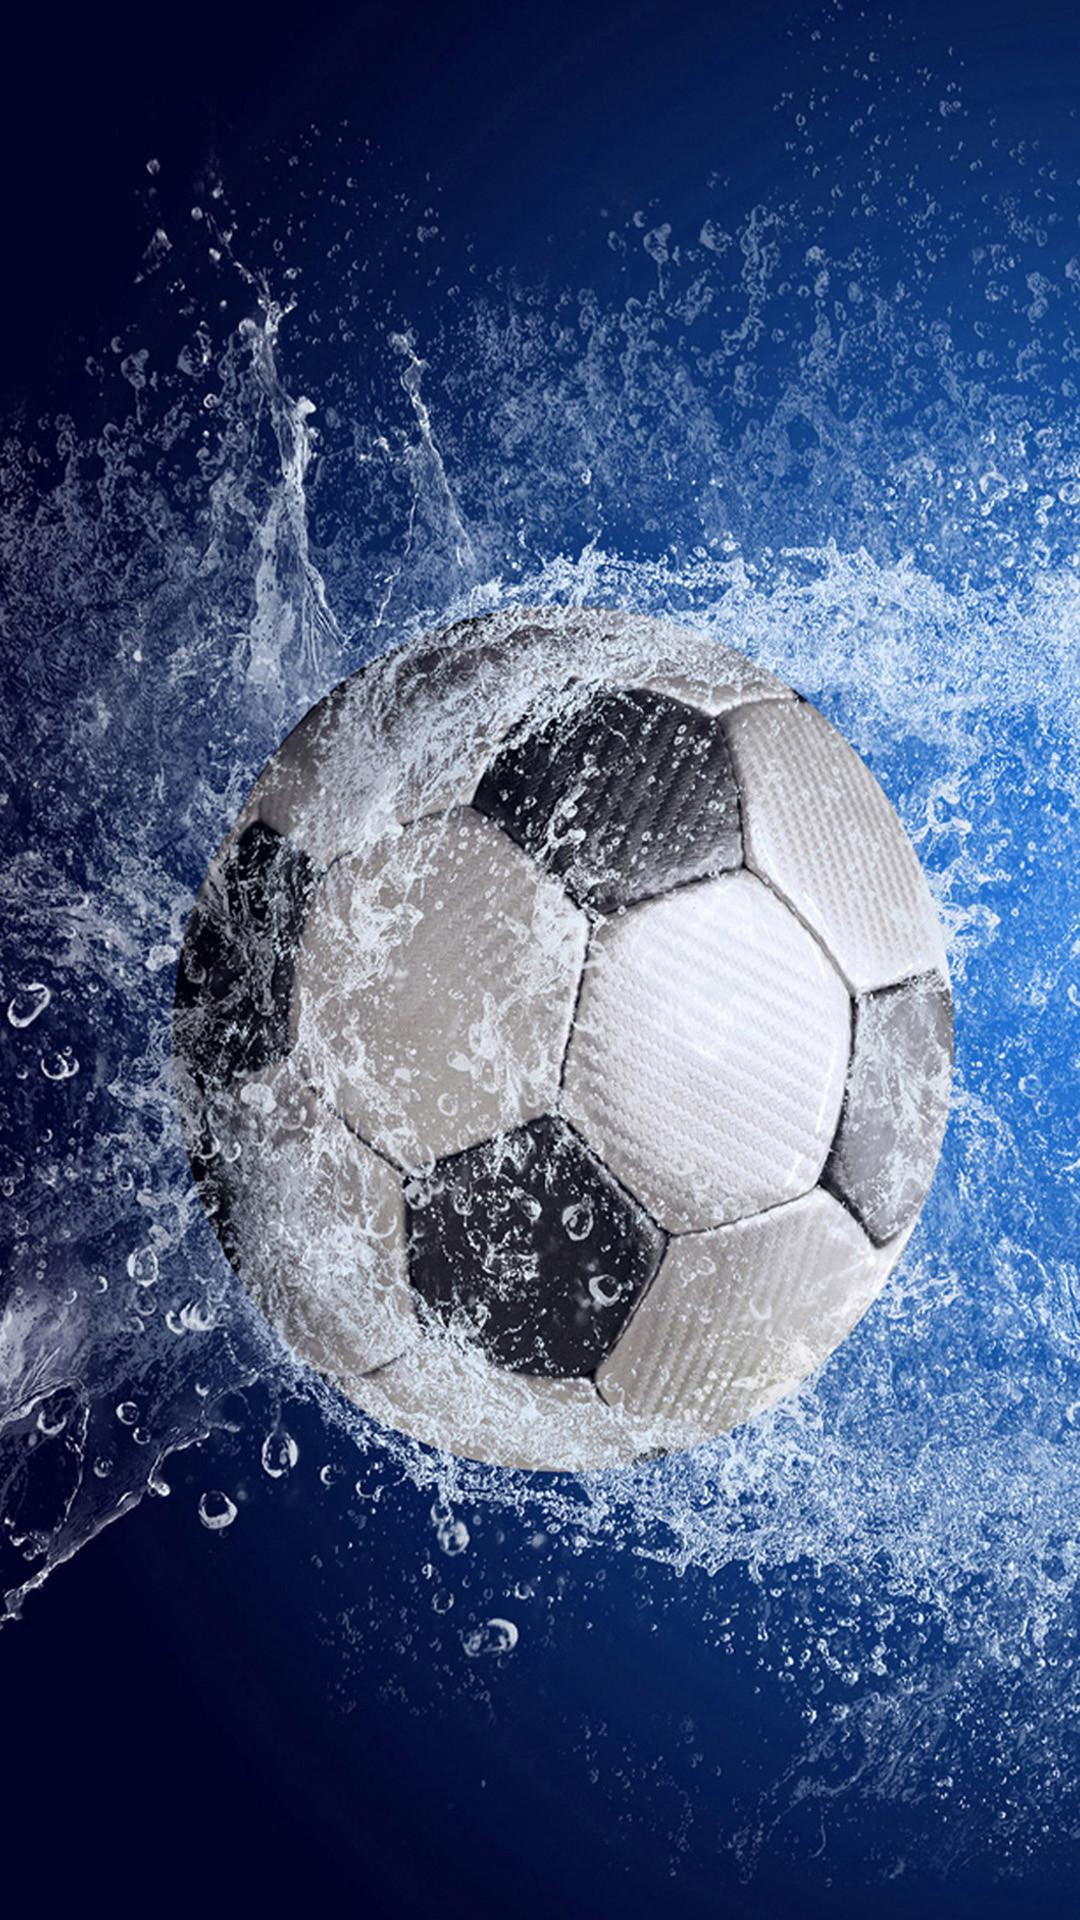 Football Soccer Ball Htc One M8 wallpaper